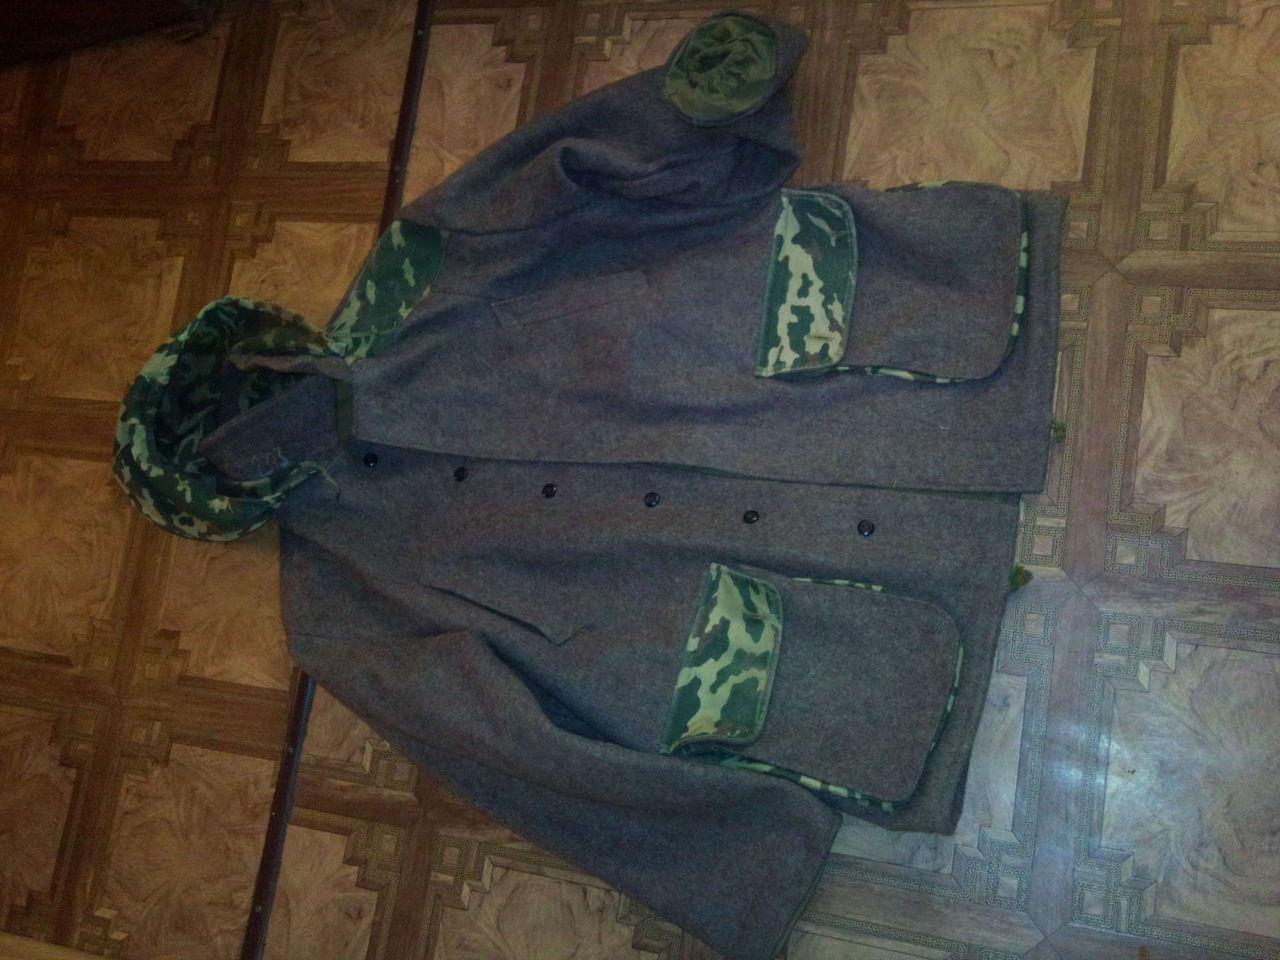 Суконная куртка для охоты своими руками